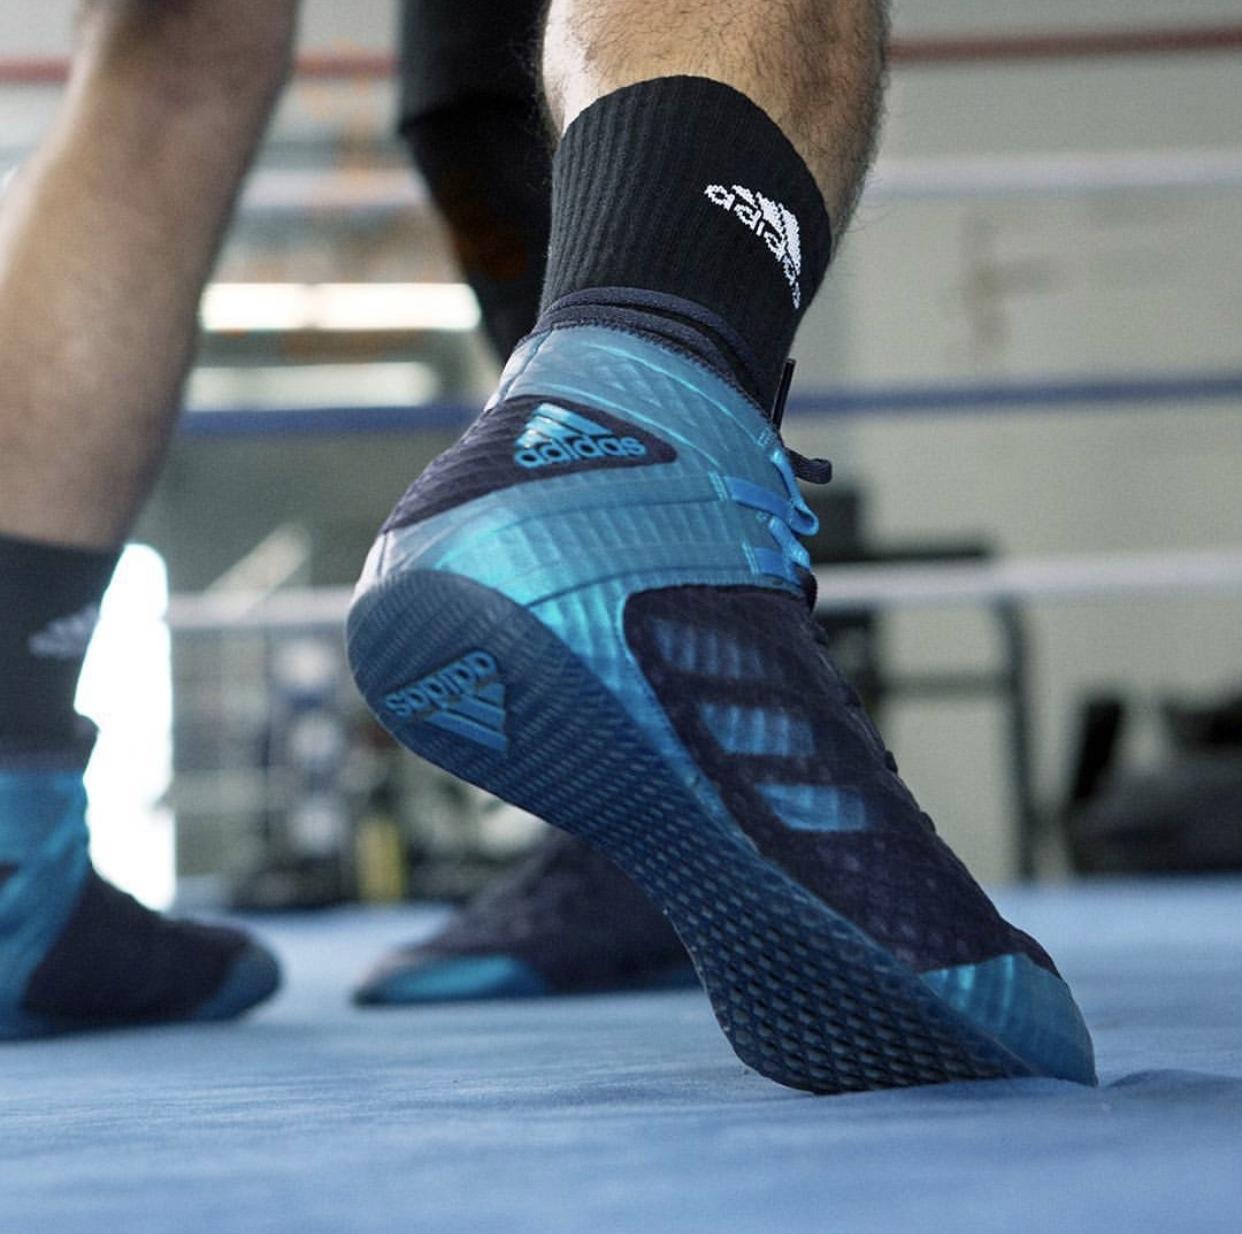 Обувь БОКСЕРКИ SPEEDEX 16.1. bokserki_speedex_16_1_temno_sinie_pic3.jpg